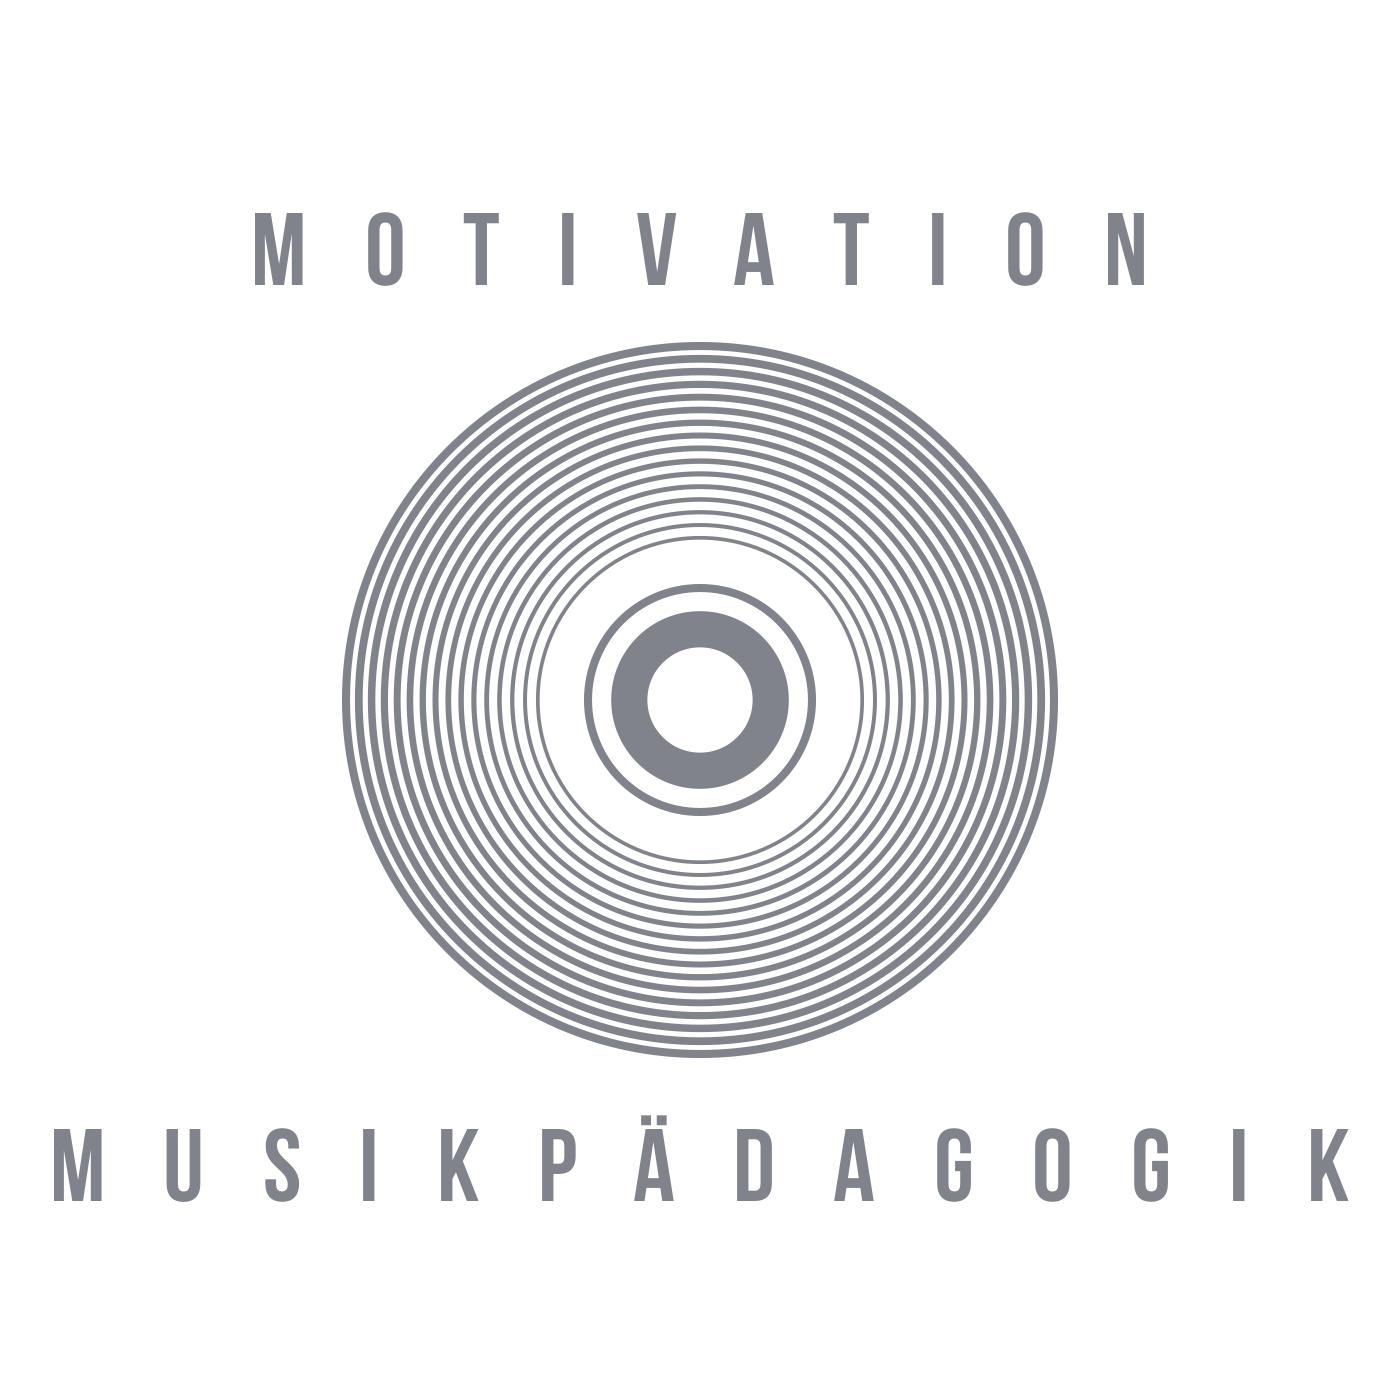 #2 Übe-Challenge, gemeinsam online musizieren & Datenschutz